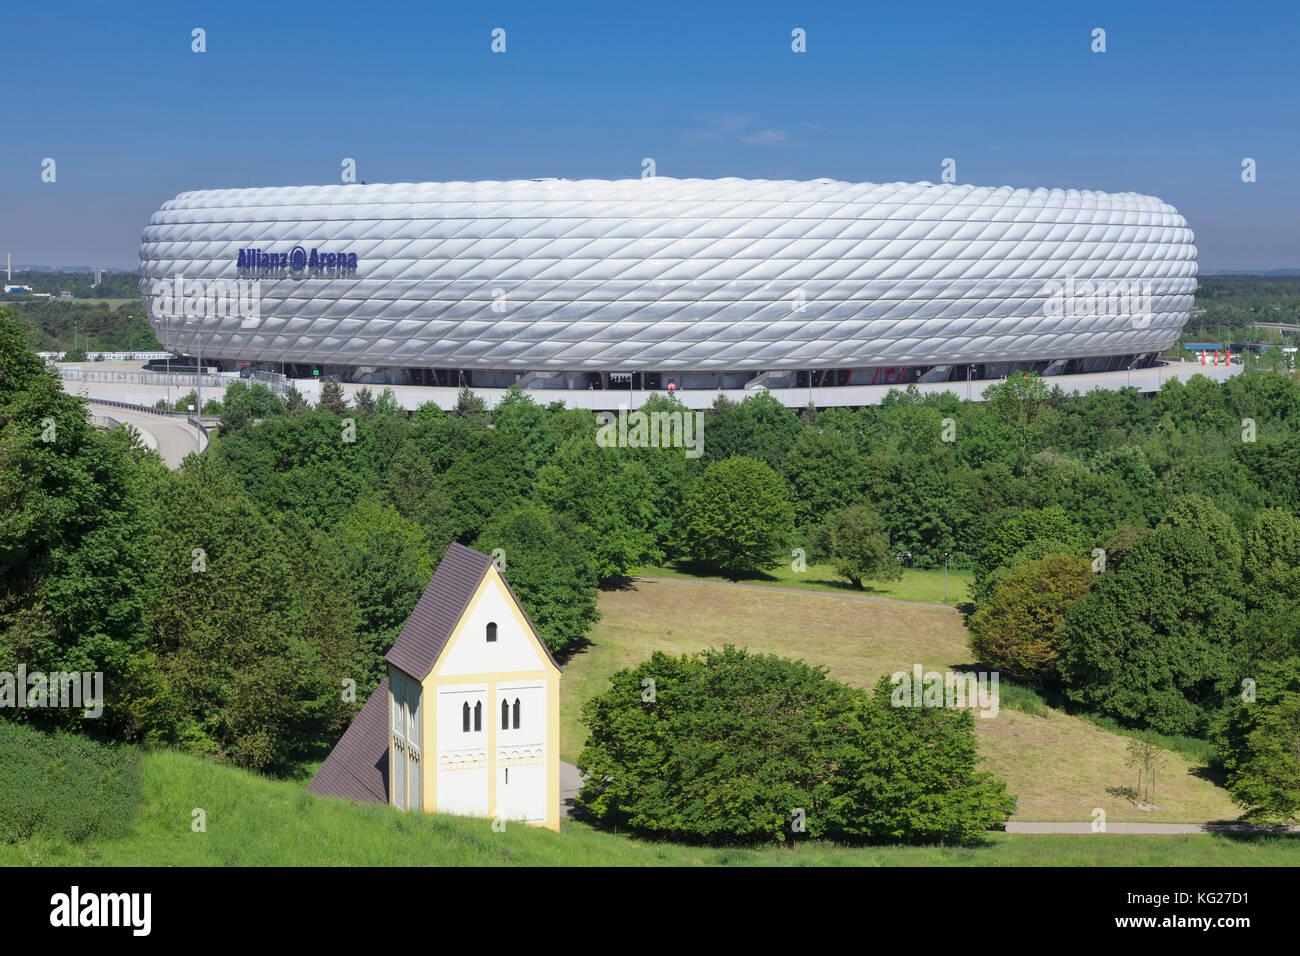 Allianz Arena, Fussball, Stadion, München, Bayern, Deutschland, Europa Stockbild